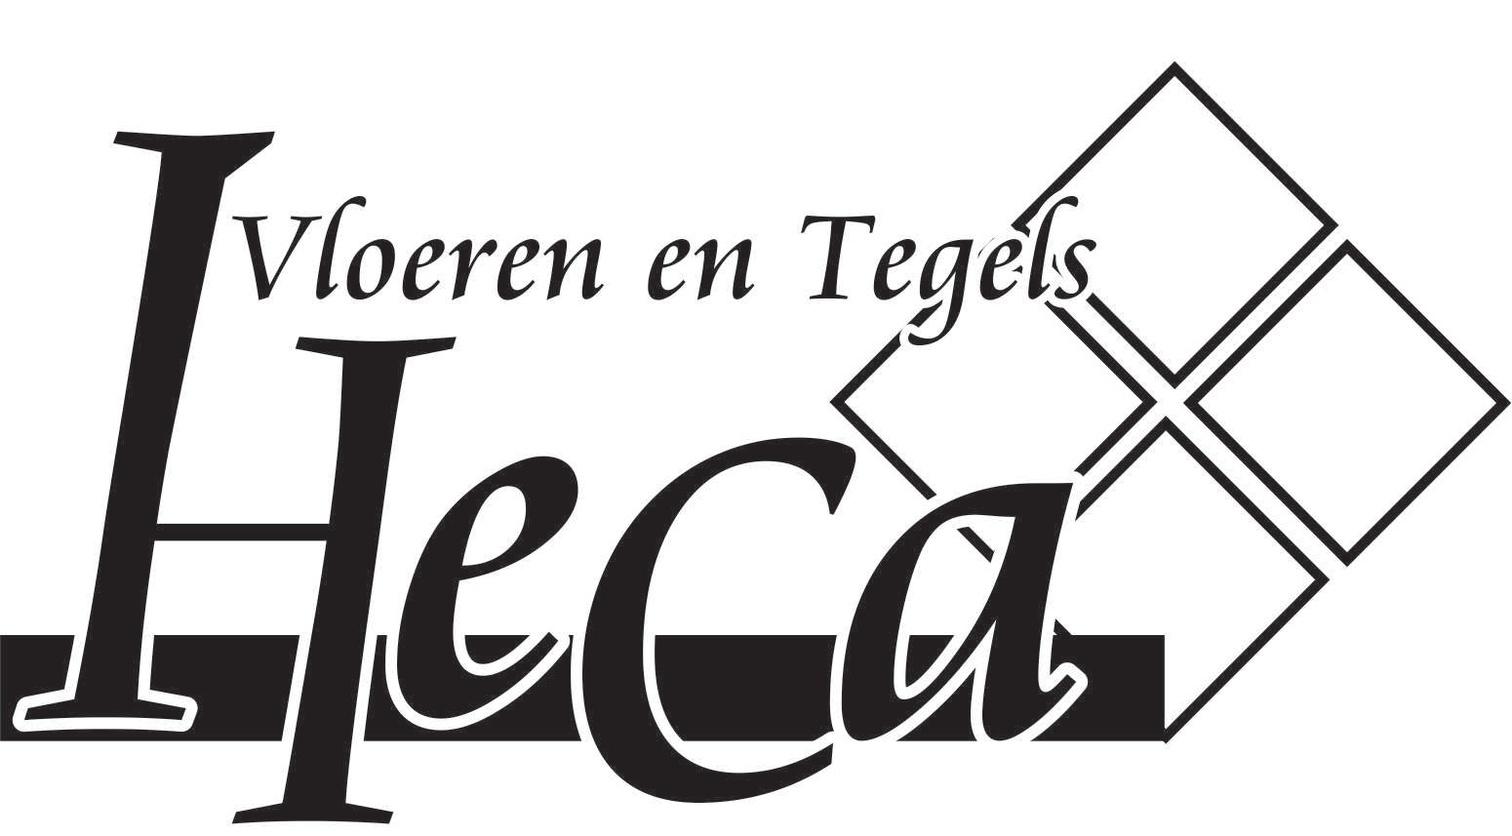 logo Vloeren en Tegels HeCa bvba